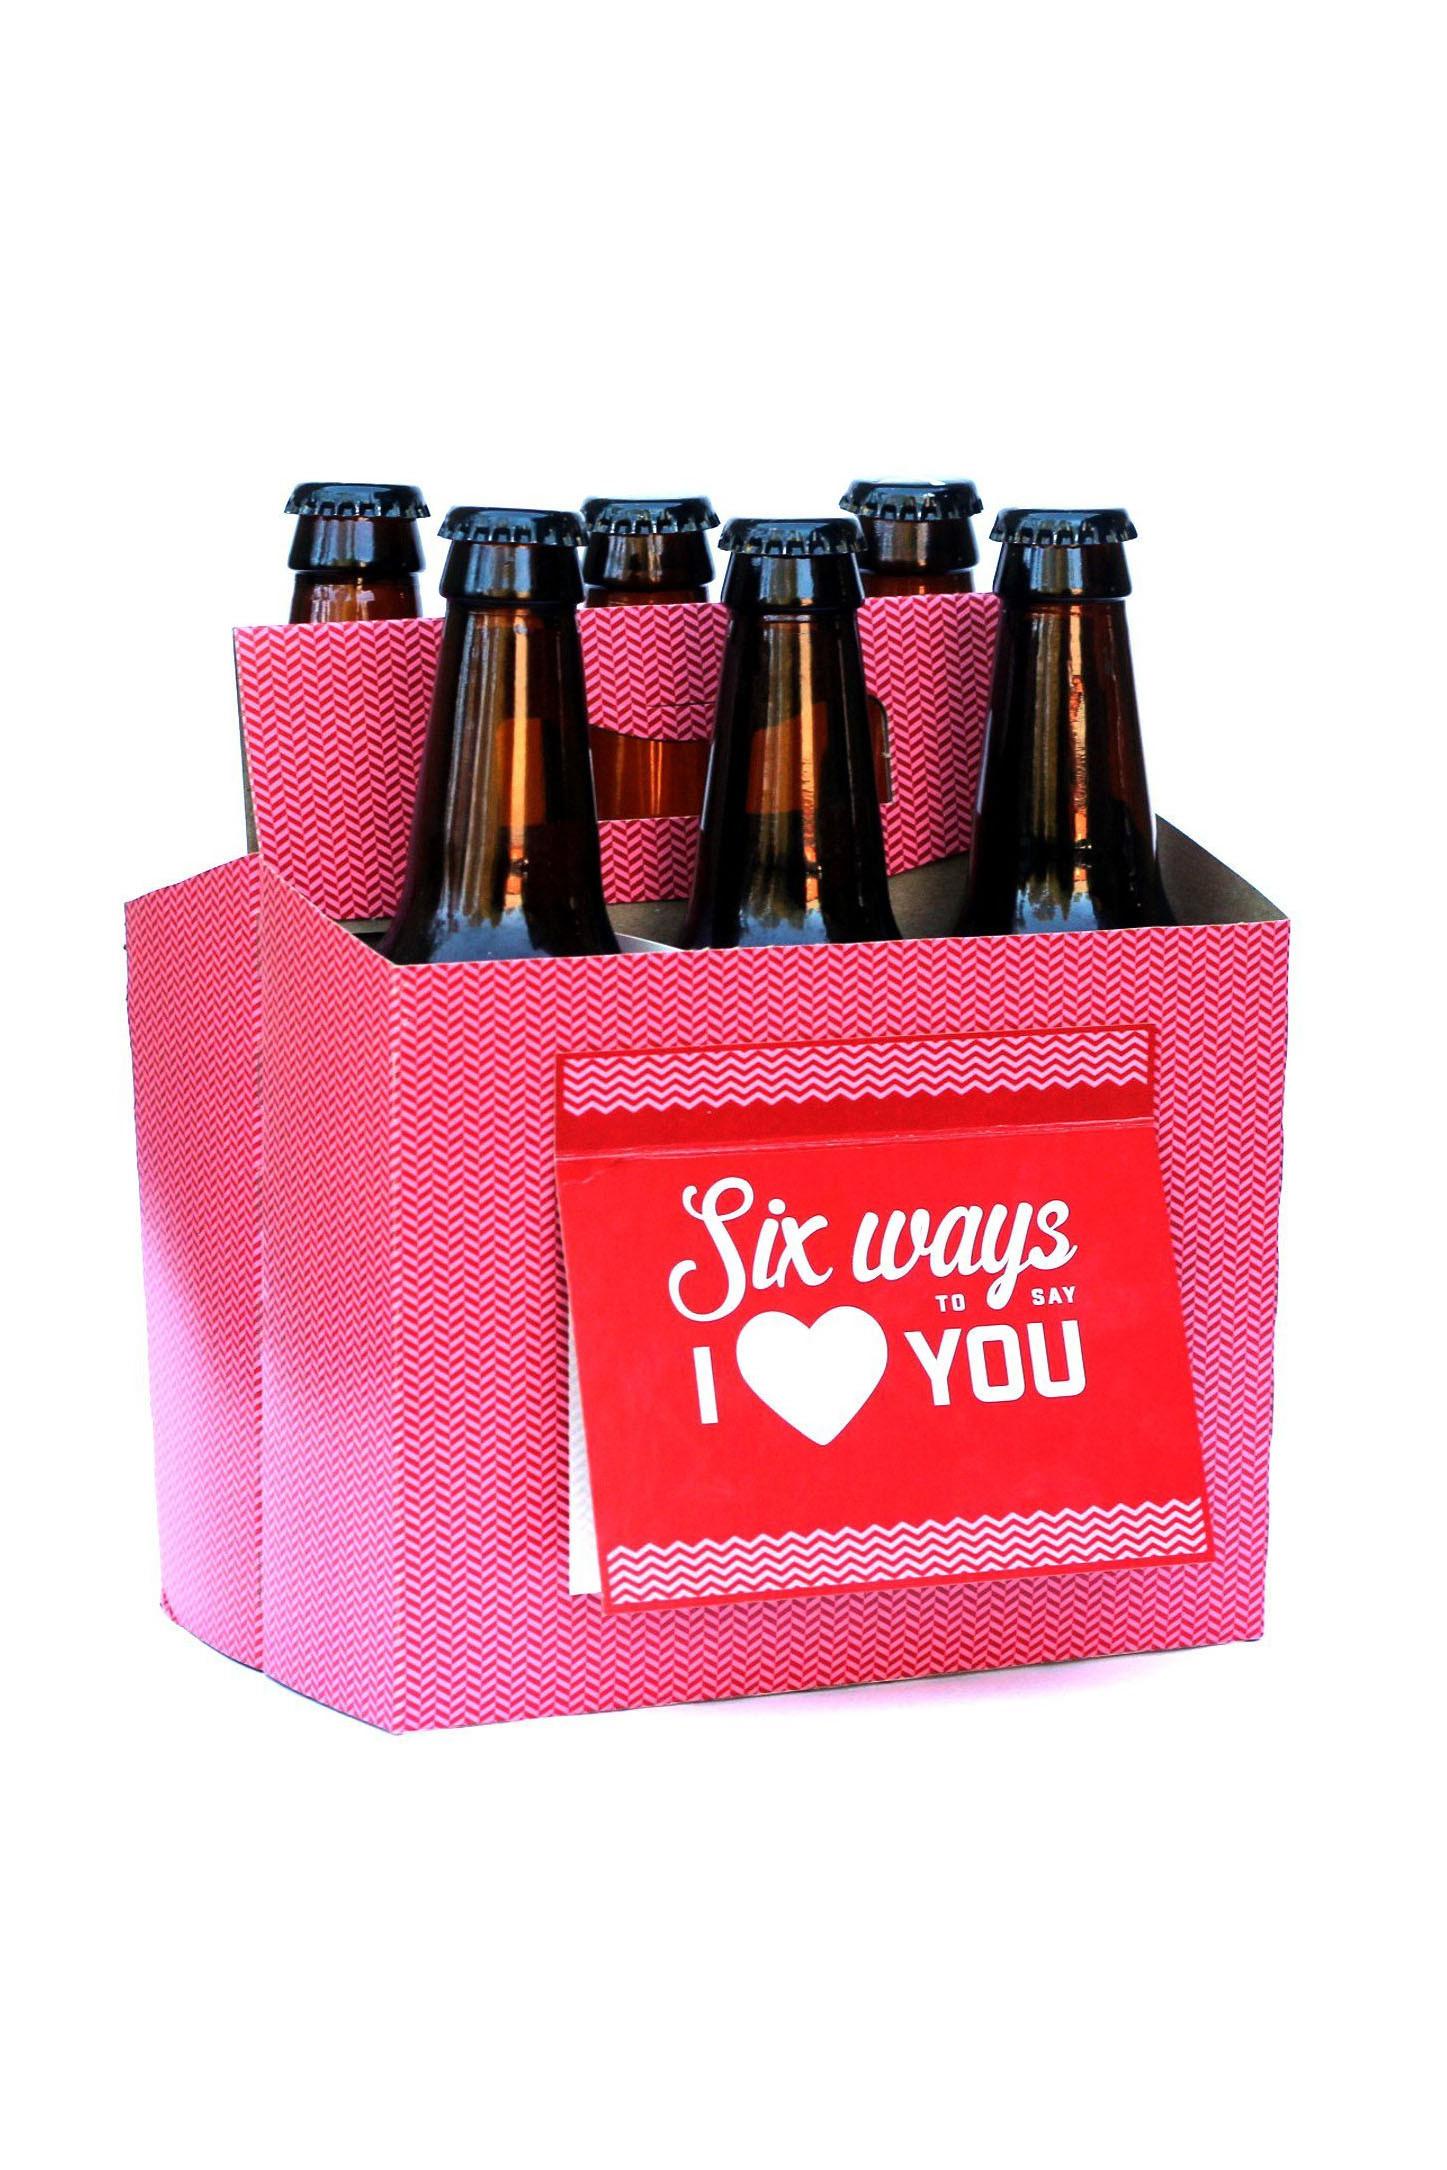 Valentine Gift Ideas For Boyfriends  Valentine Gifts For Boyfriend Unique & Useful Gift Ideas